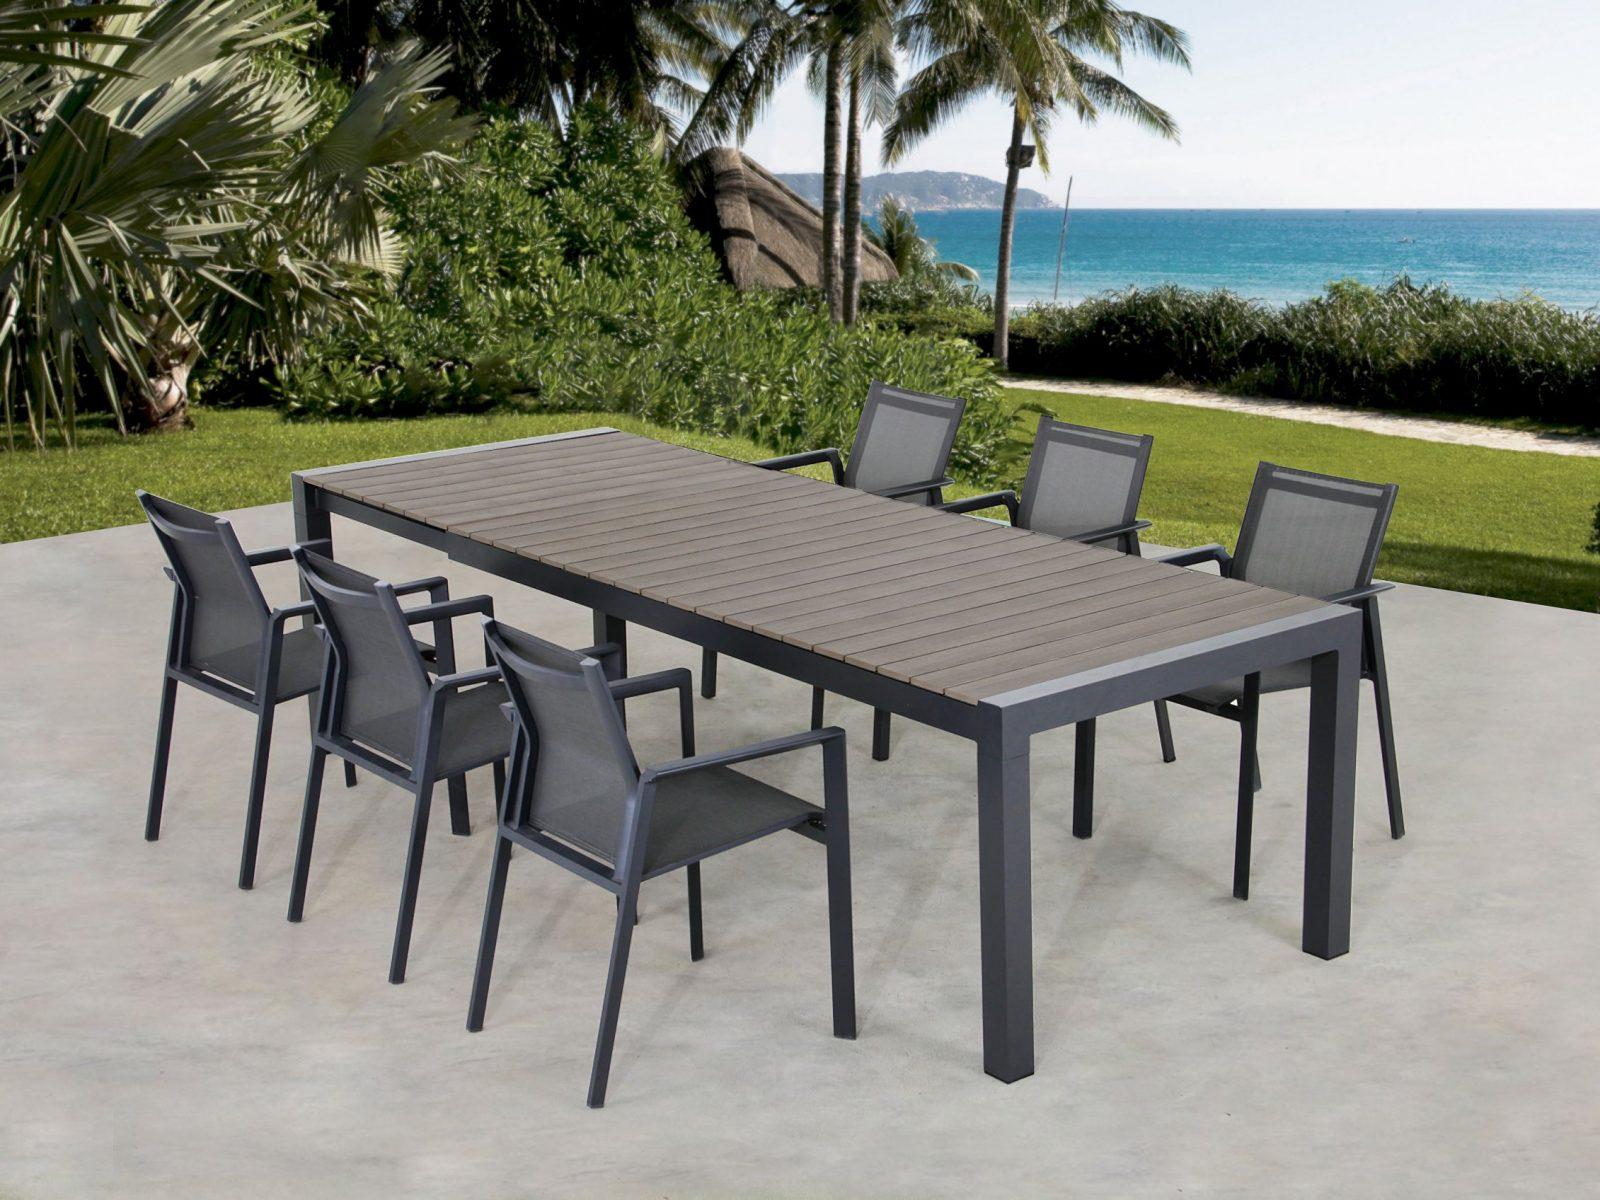 Ausziehbarer Gartentisch Mit 6 Armlehnstühle Günstig ⋆ Lehner Versand von Gartentisch Mit 6 Stühlen Bild